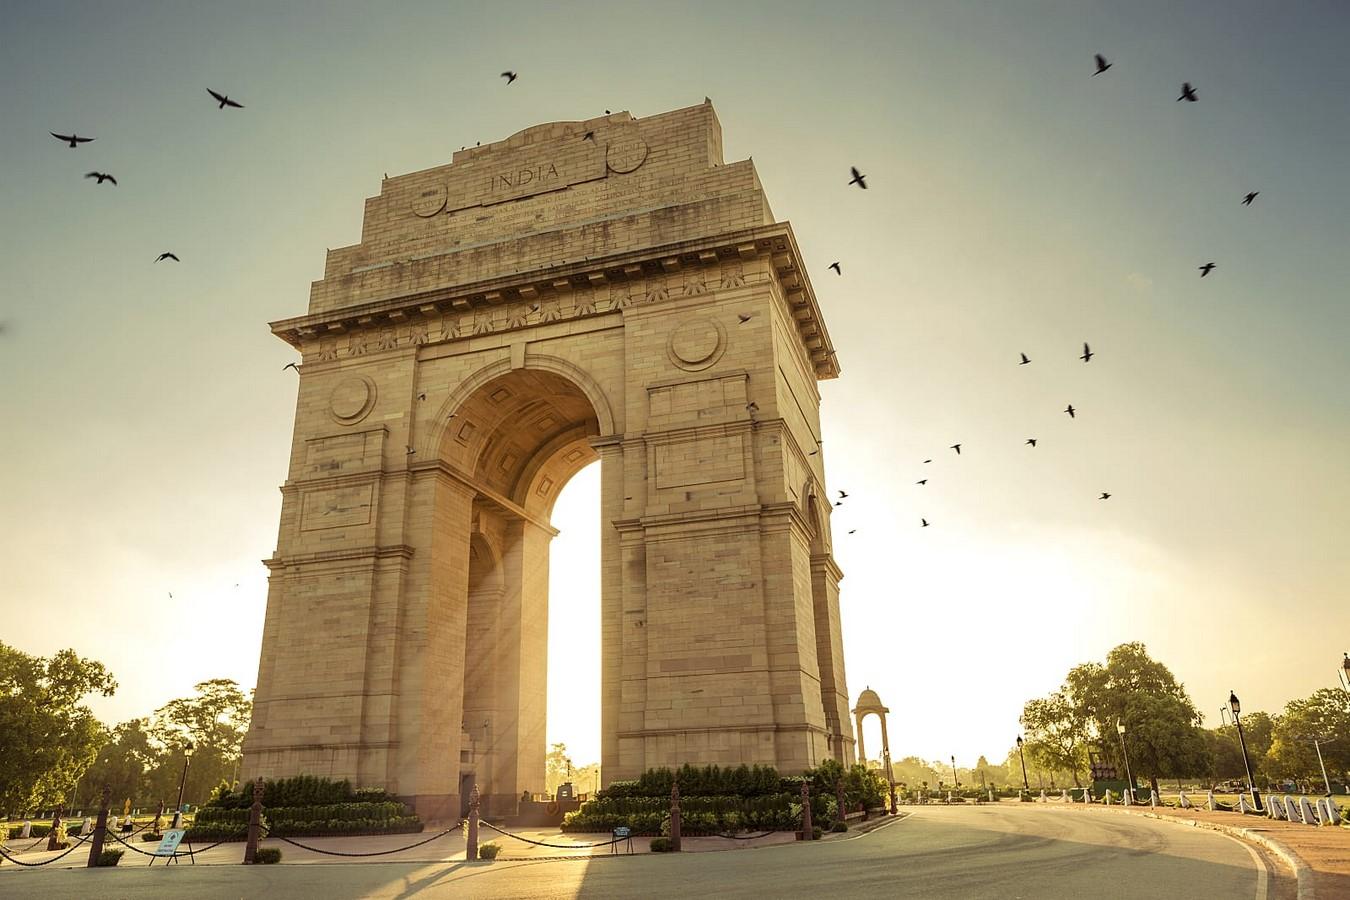 India Gate, New Delhi - Sheet1